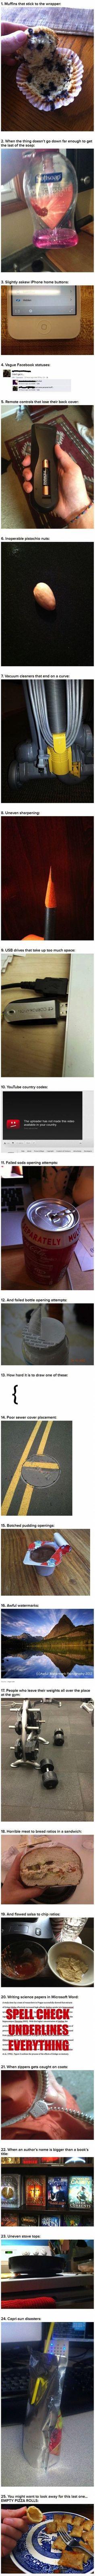 25 first world problems